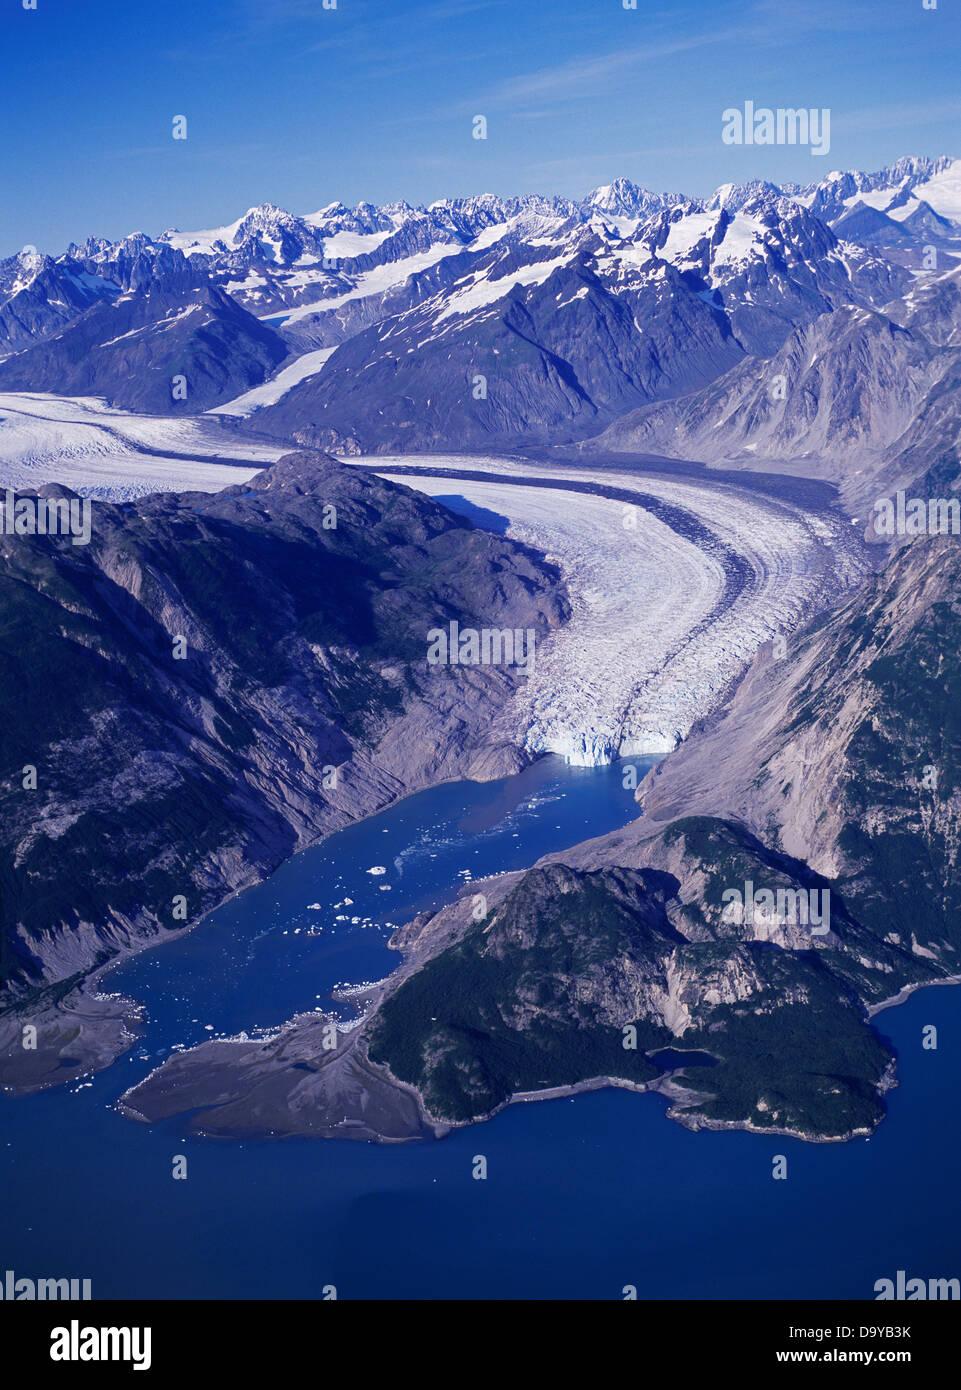 Luftaufnahme von McBride Gletscher fließen in Muir Inlet, Glacier Bay Nationalpark, Alaska. Stockfoto